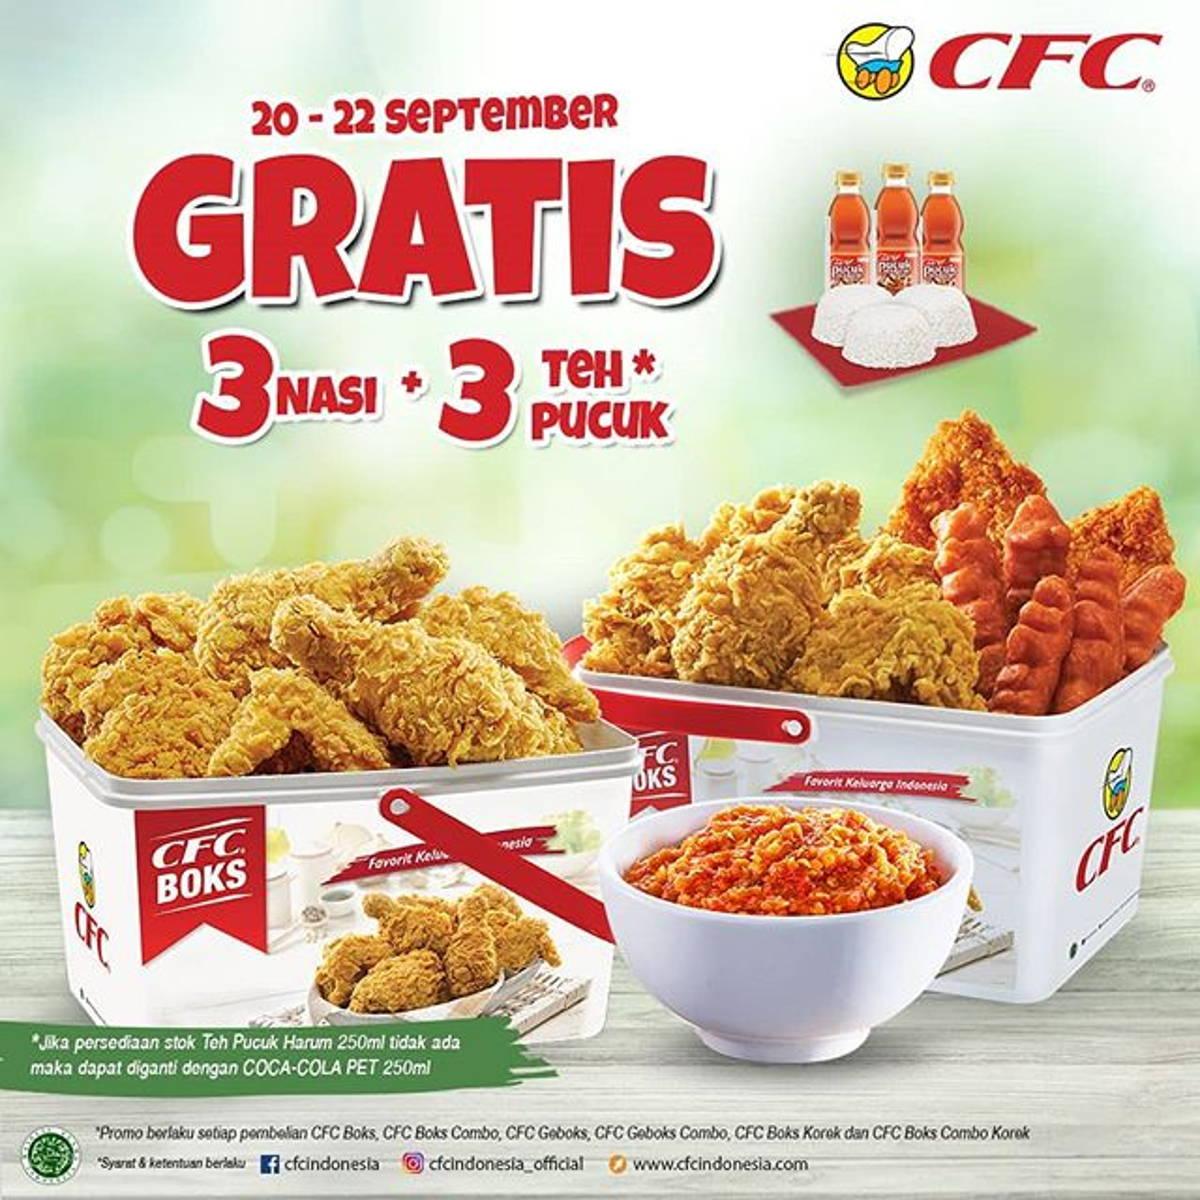 Katalog Promo: CFC: Promo CFC Boks GRATIS 3 Nasi + 3 Teh Pucuk Harum setiap pembelian CFC Boks - 1